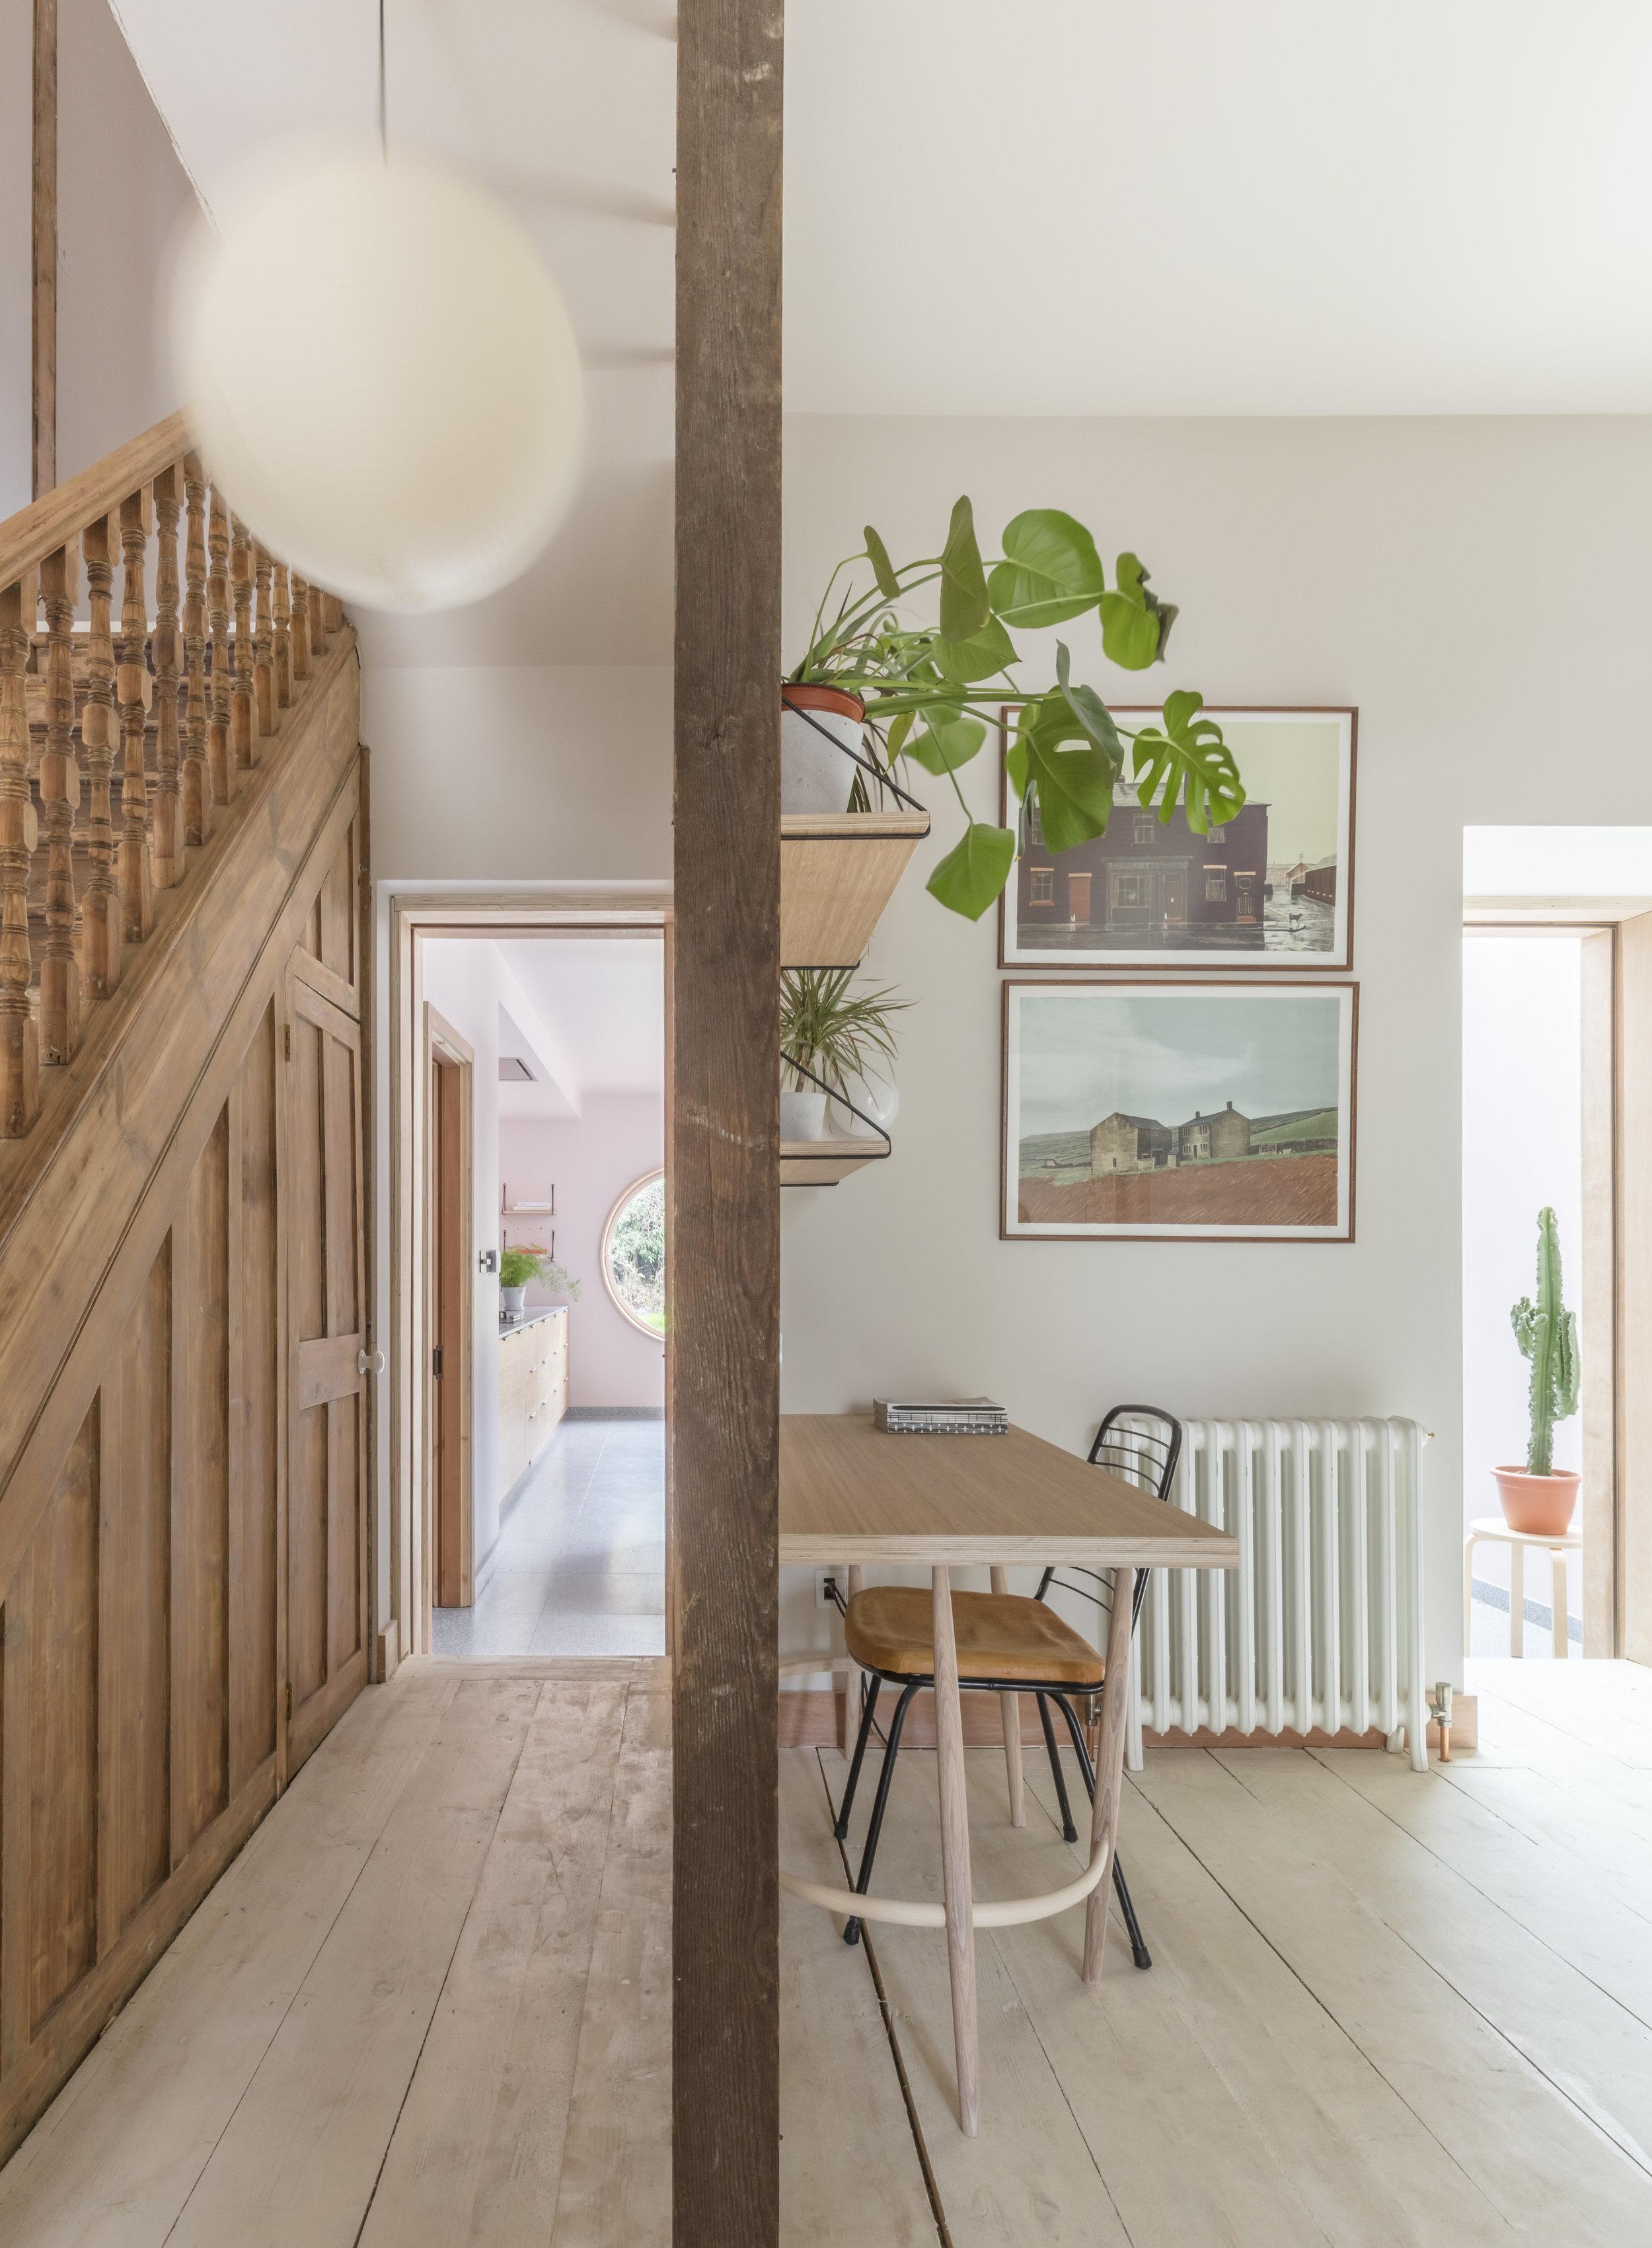 SAAW - Terrazzo House-33 © Nicholas Worley.jpg